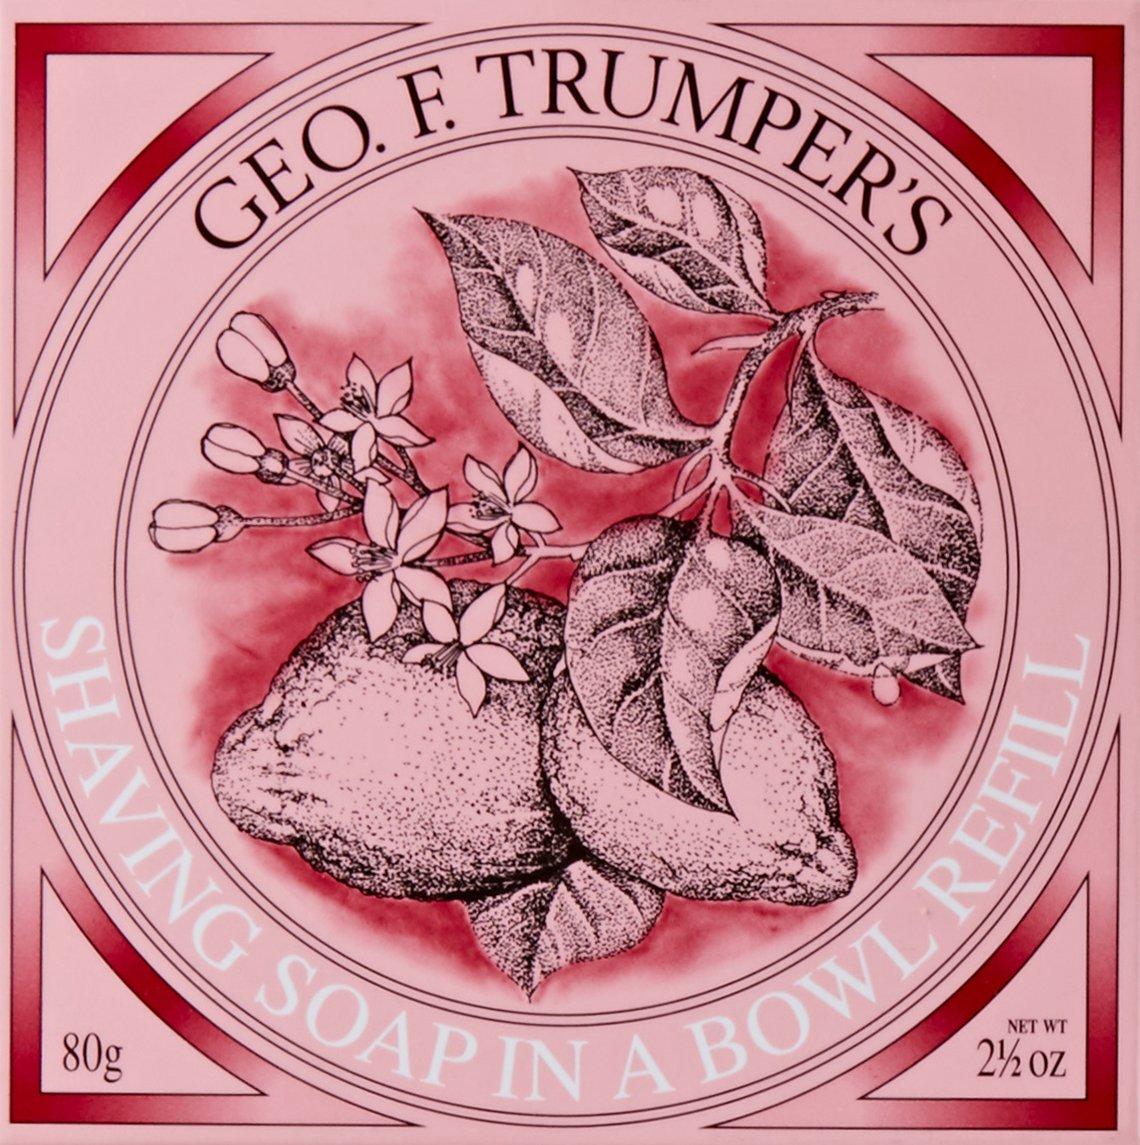 Geo F. Trumper's Limes Shaving Refill W090082